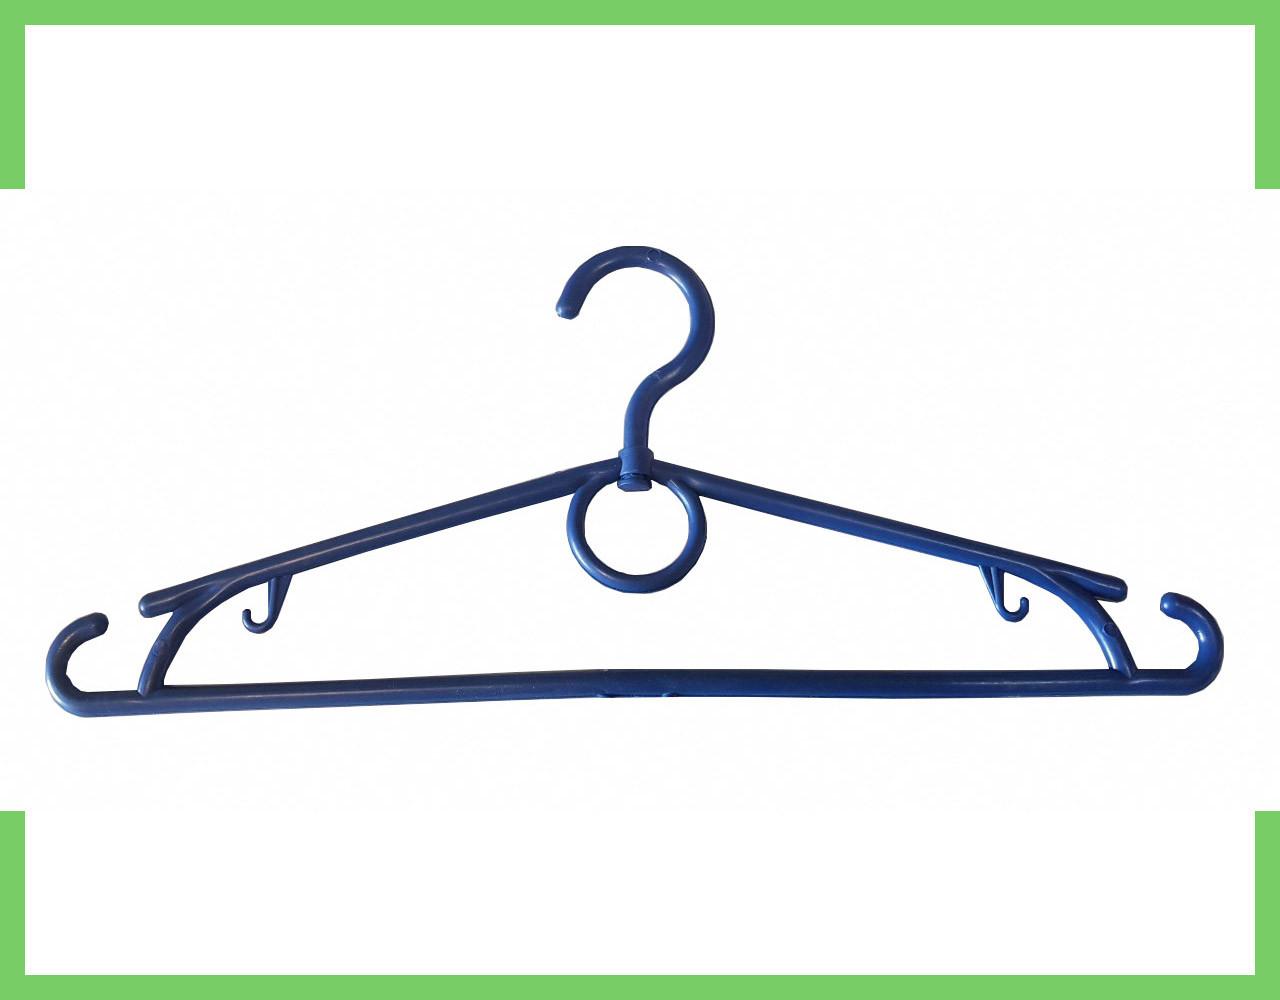 Вешалки плечики пластиковые синие для одежды (кольцо) 39 см Украина